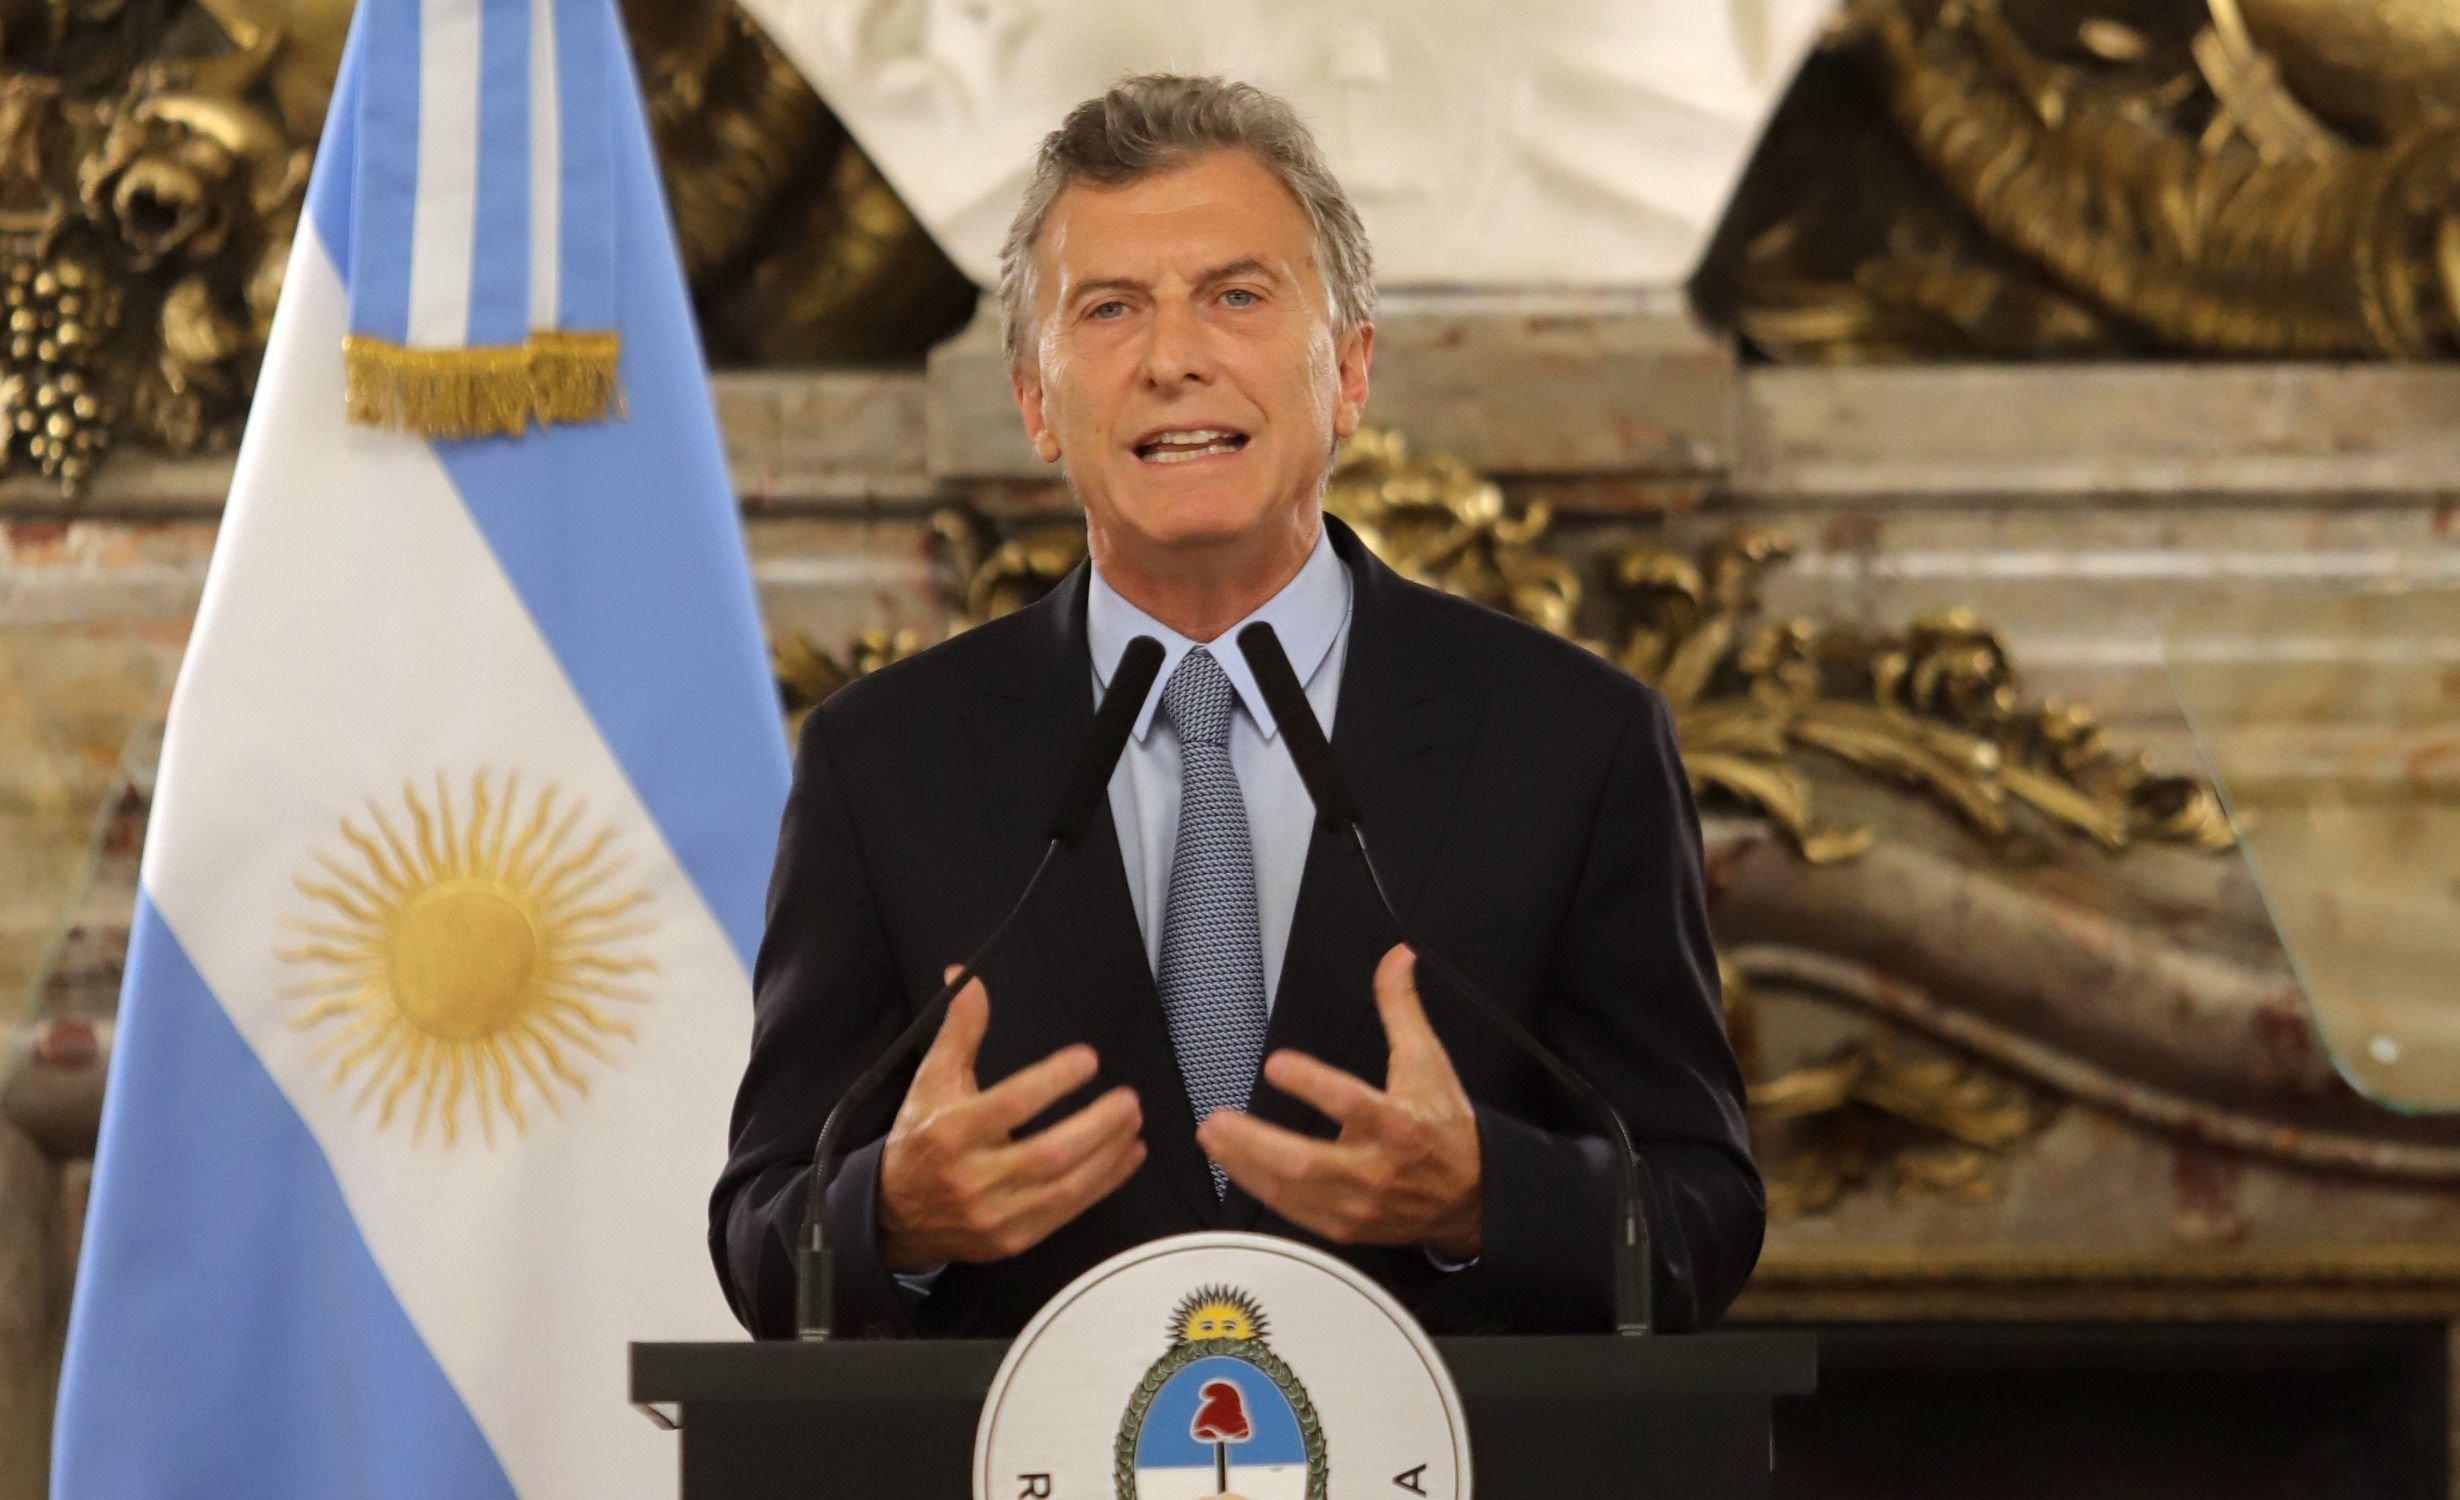 Macri anunció un decreto para recuperar los bienes de la corrupción